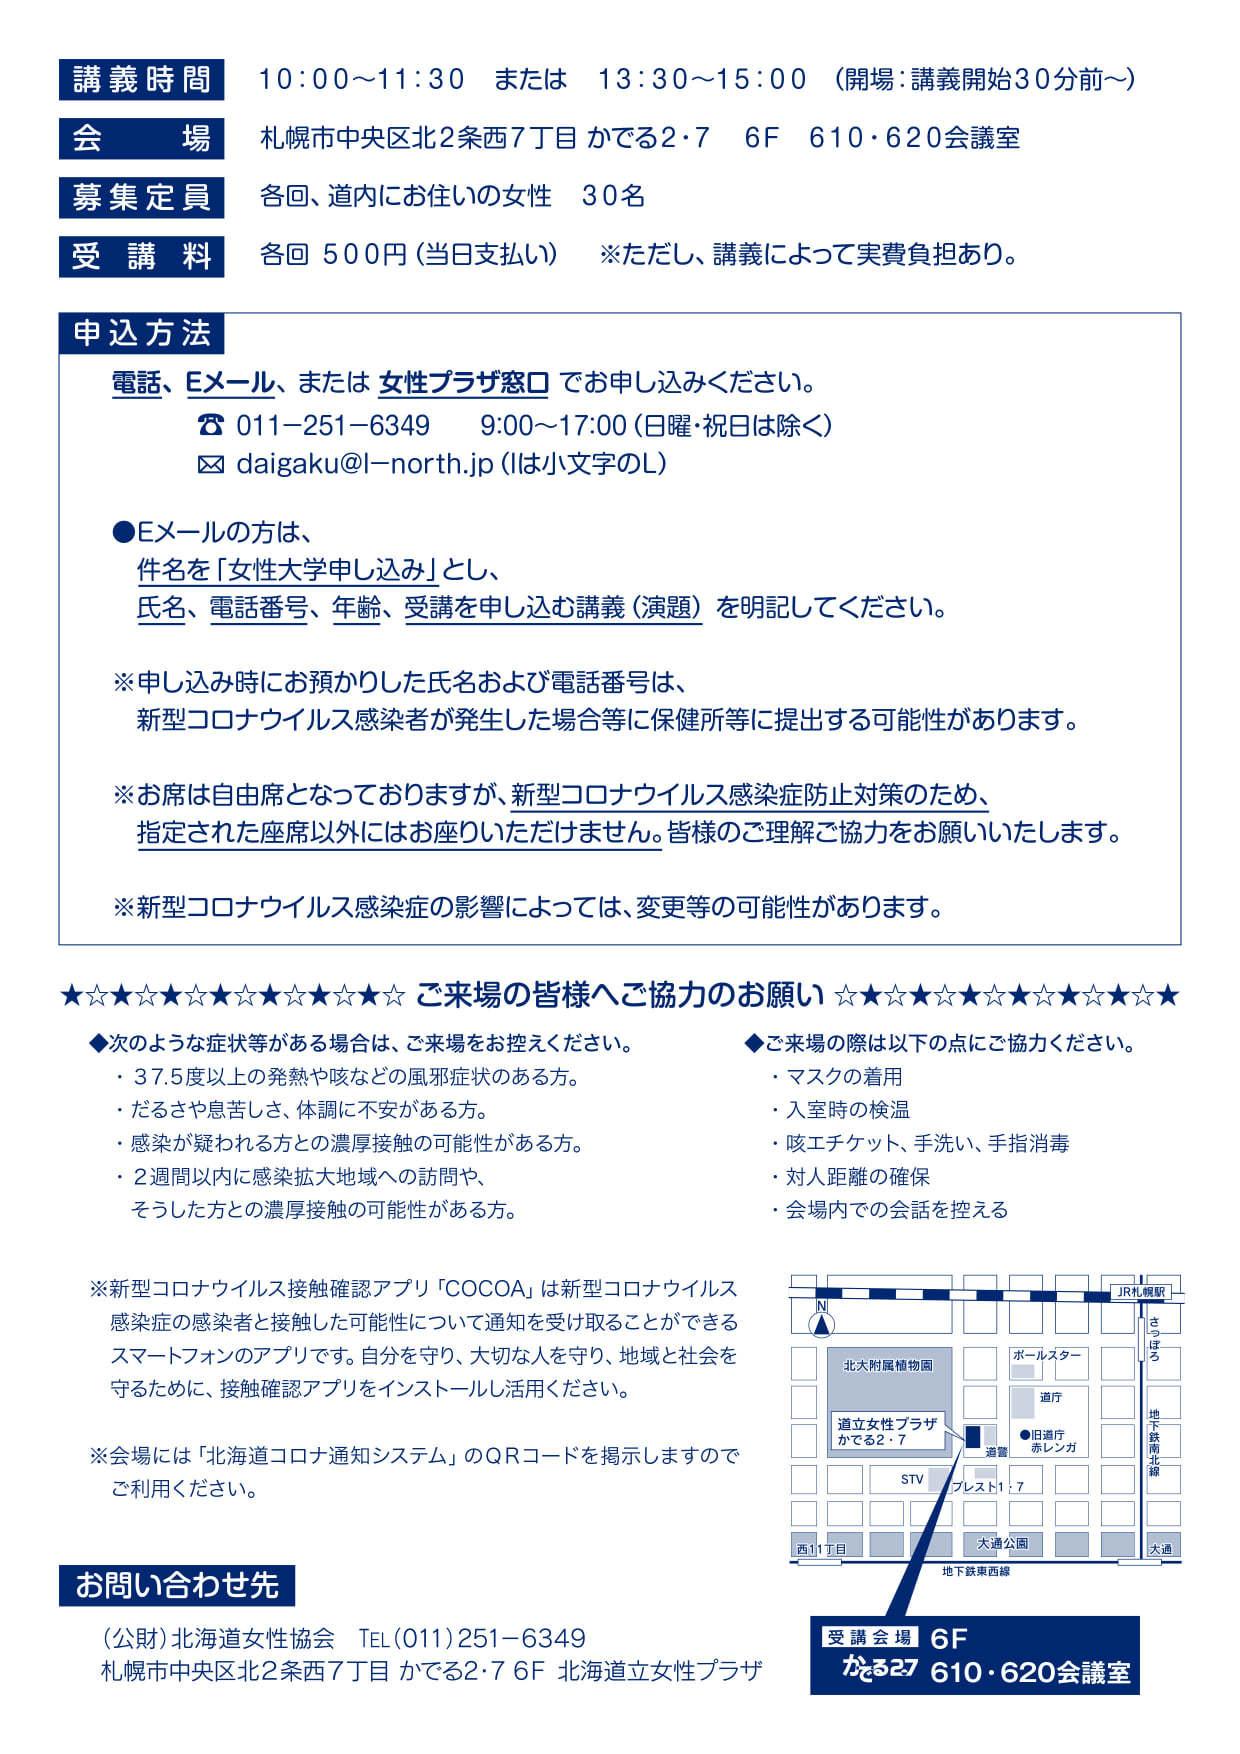 【終了】1/15(金)女性大学 自分の強みを知ろう!10:00~11:30_b0396744_20532327.jpg